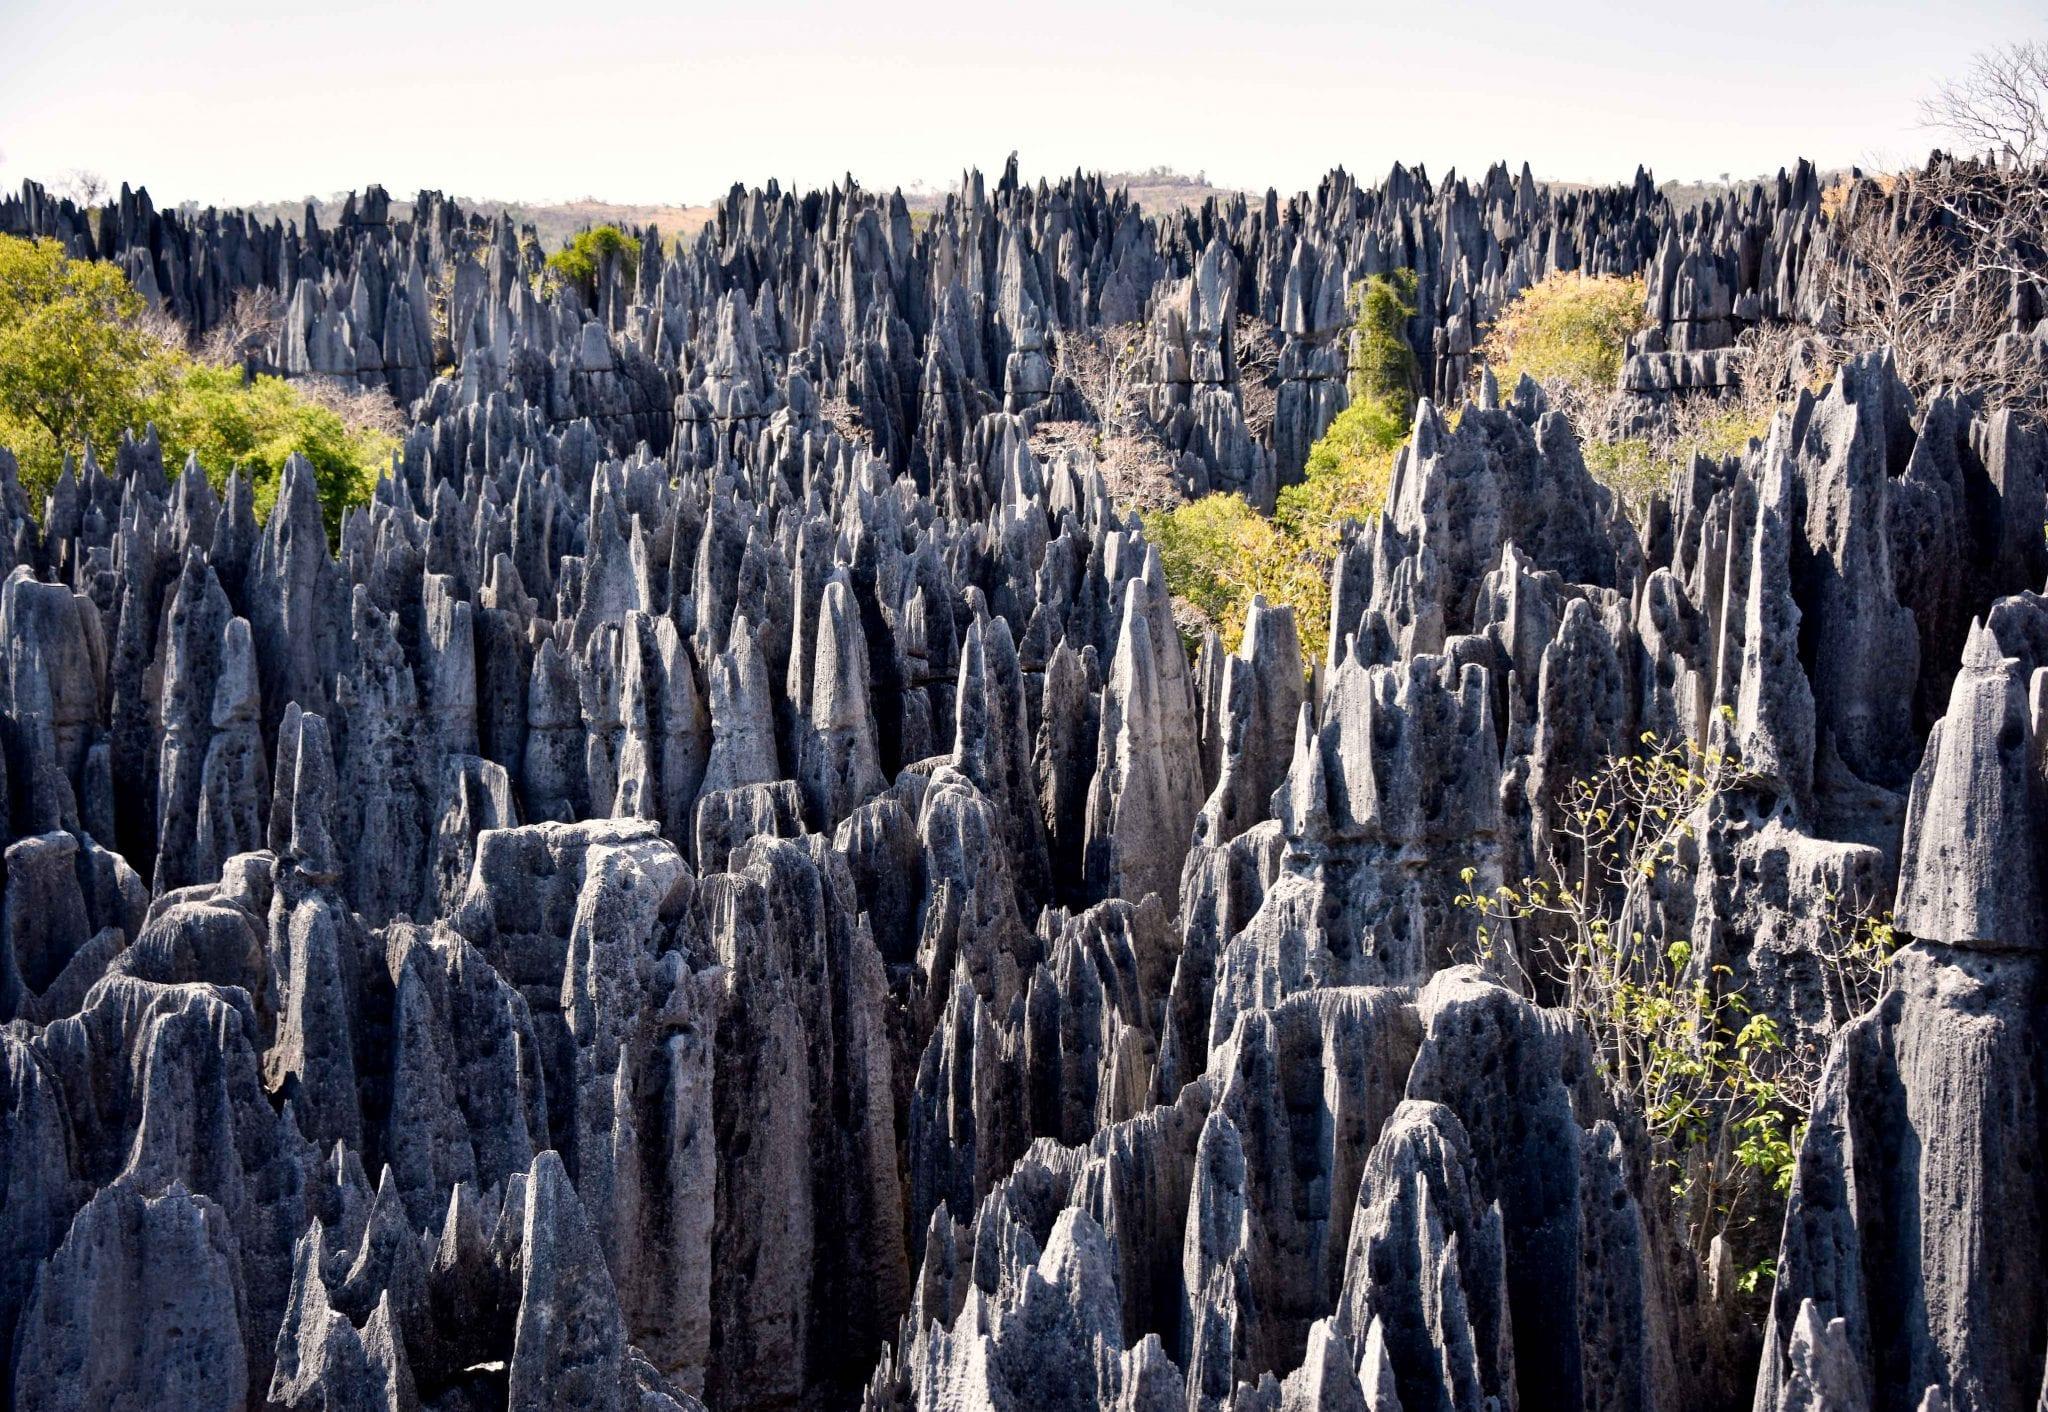 Big Tsingy Madagascar Travel Guide